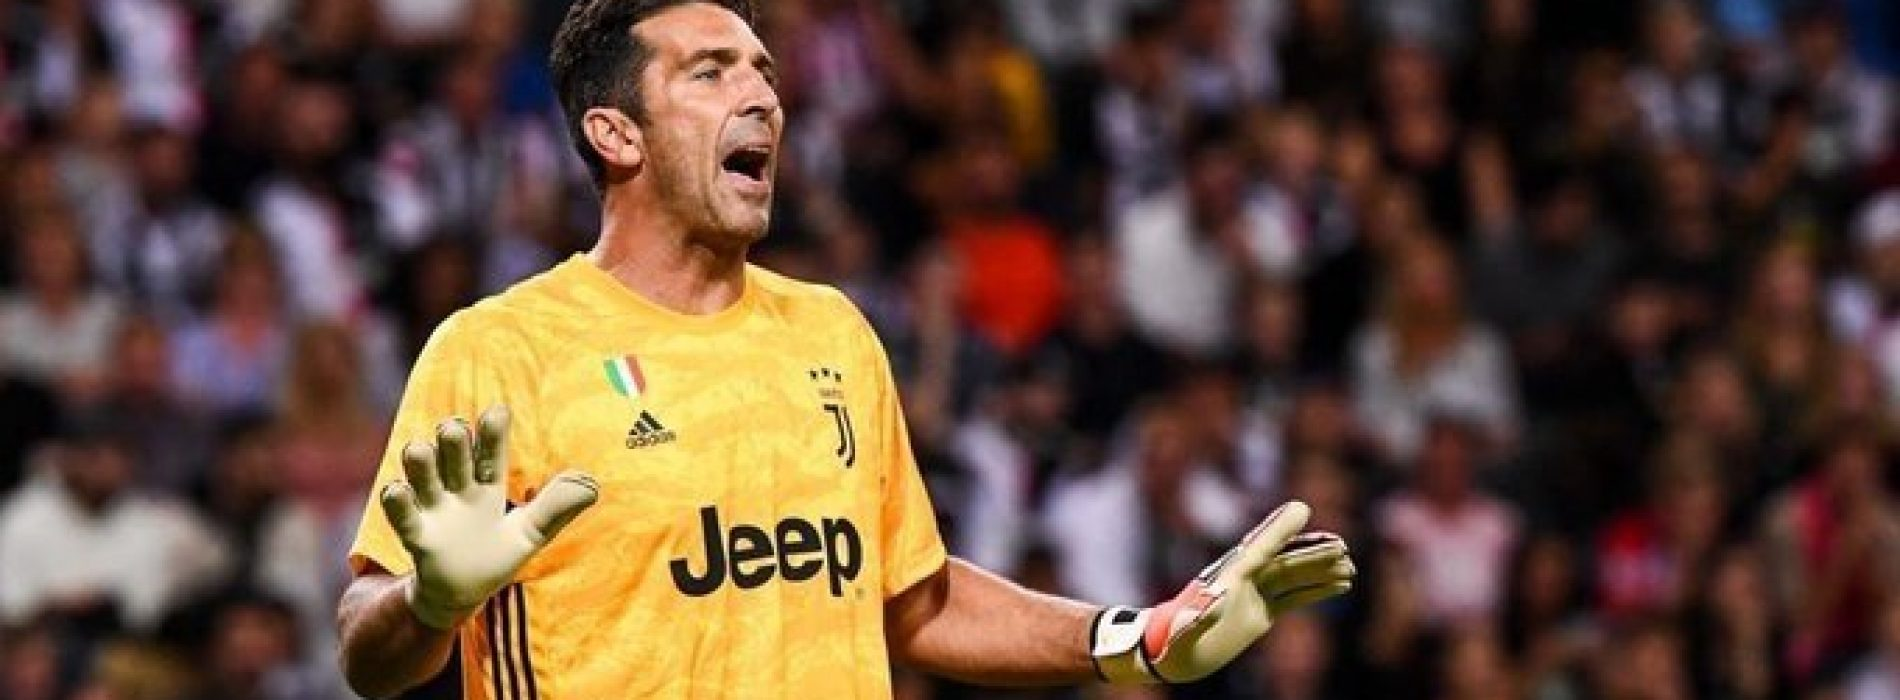 """Juventus Buffon sul ritiro: """"Non smetto per rispetto del Gigi bambino"""""""